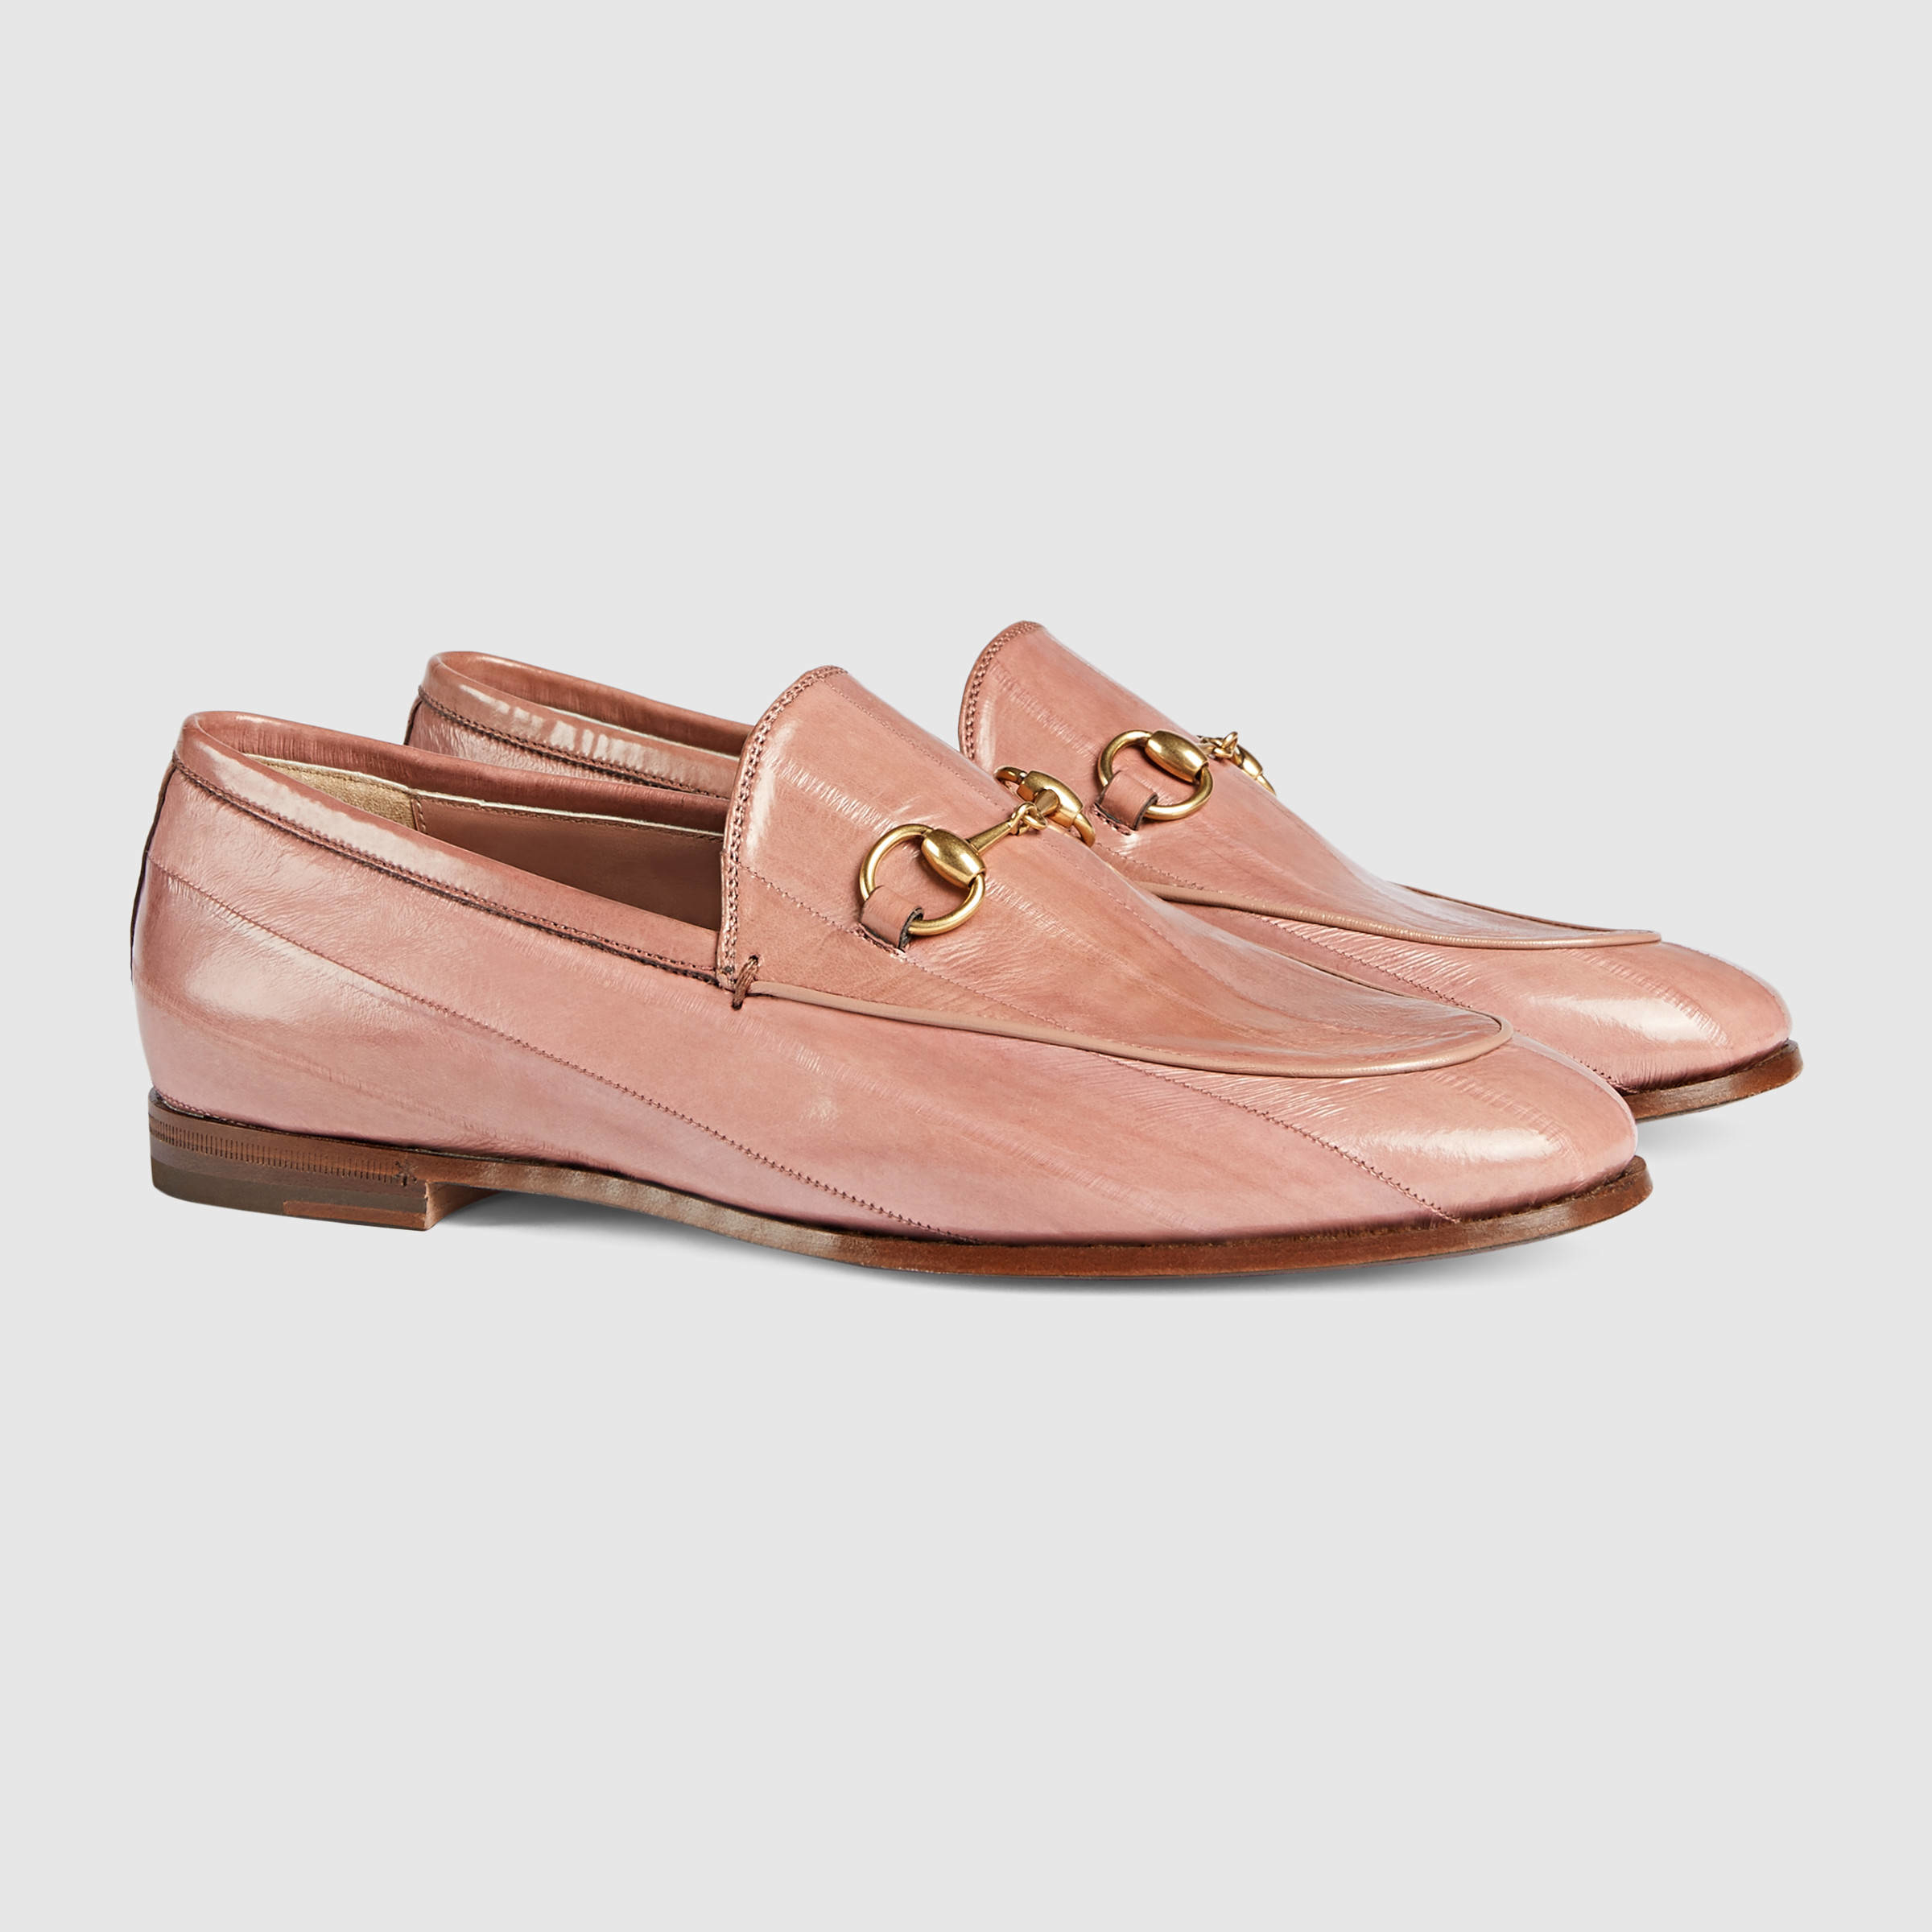 de666b2d6aa Gucci Jordaan Eel Horsebit Loafer in Natural - Lyst